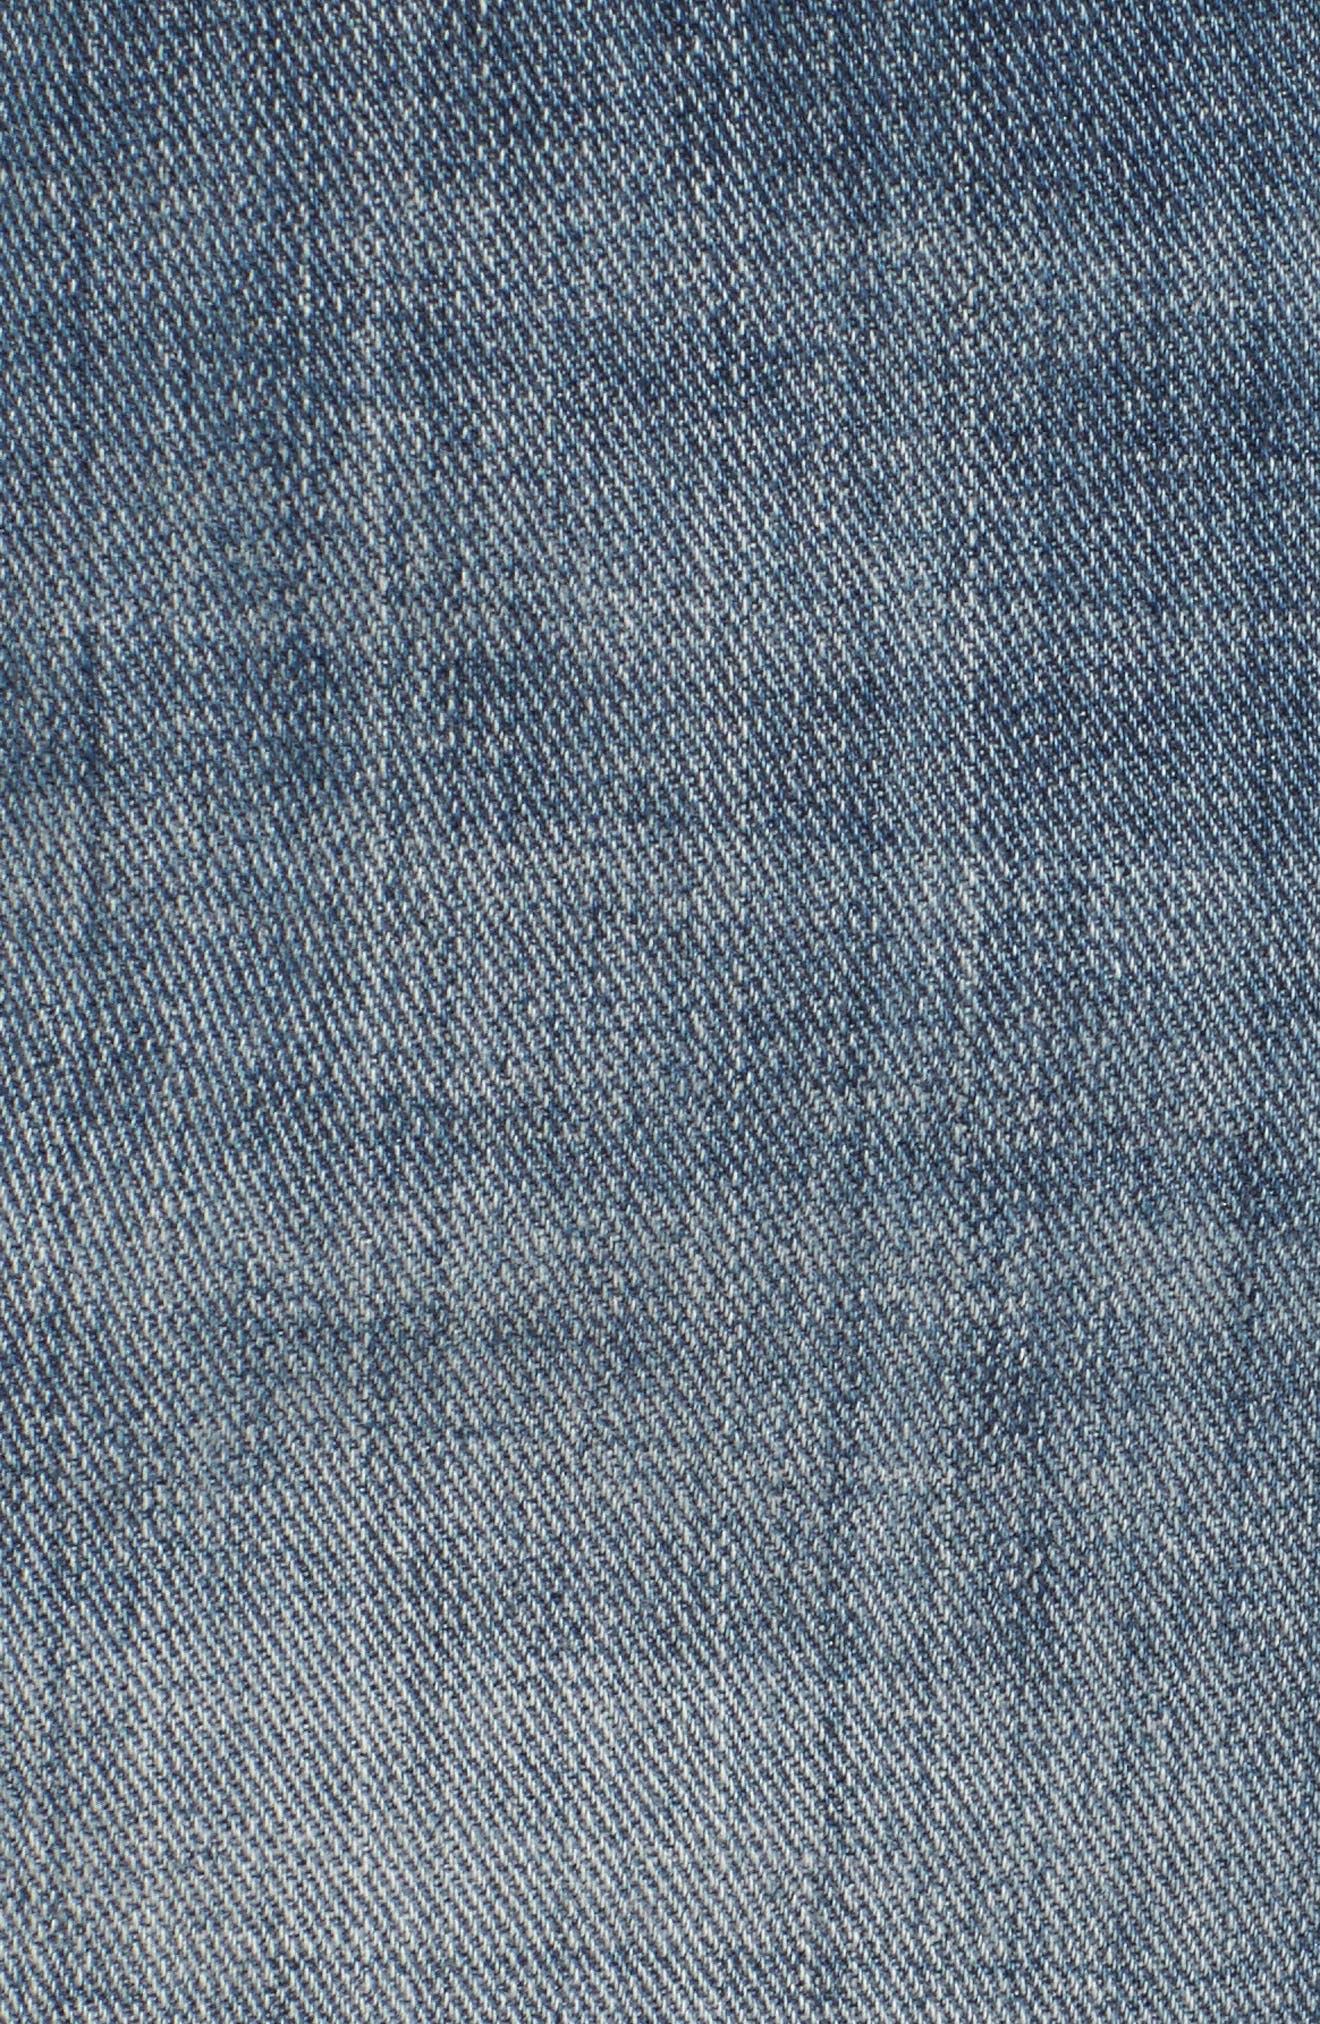 Patchwork Denim Miniskirt,                             Alternate thumbnail 5, color,                             401